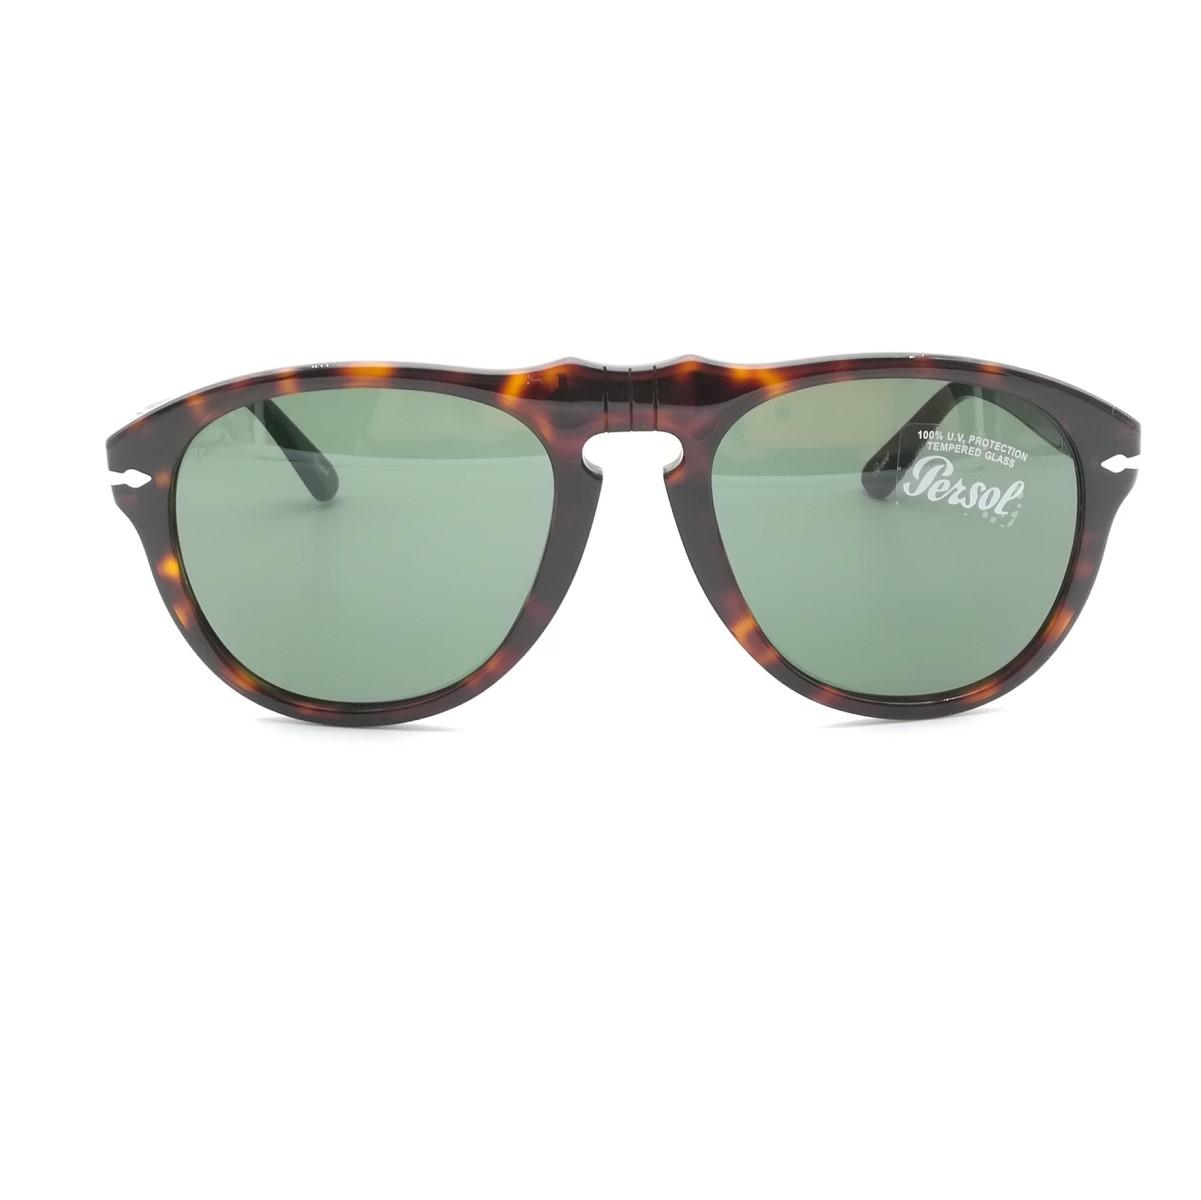 negozio online f2900 9c293 PERSOL occhiale da sole uomo PE 649 col.24/31